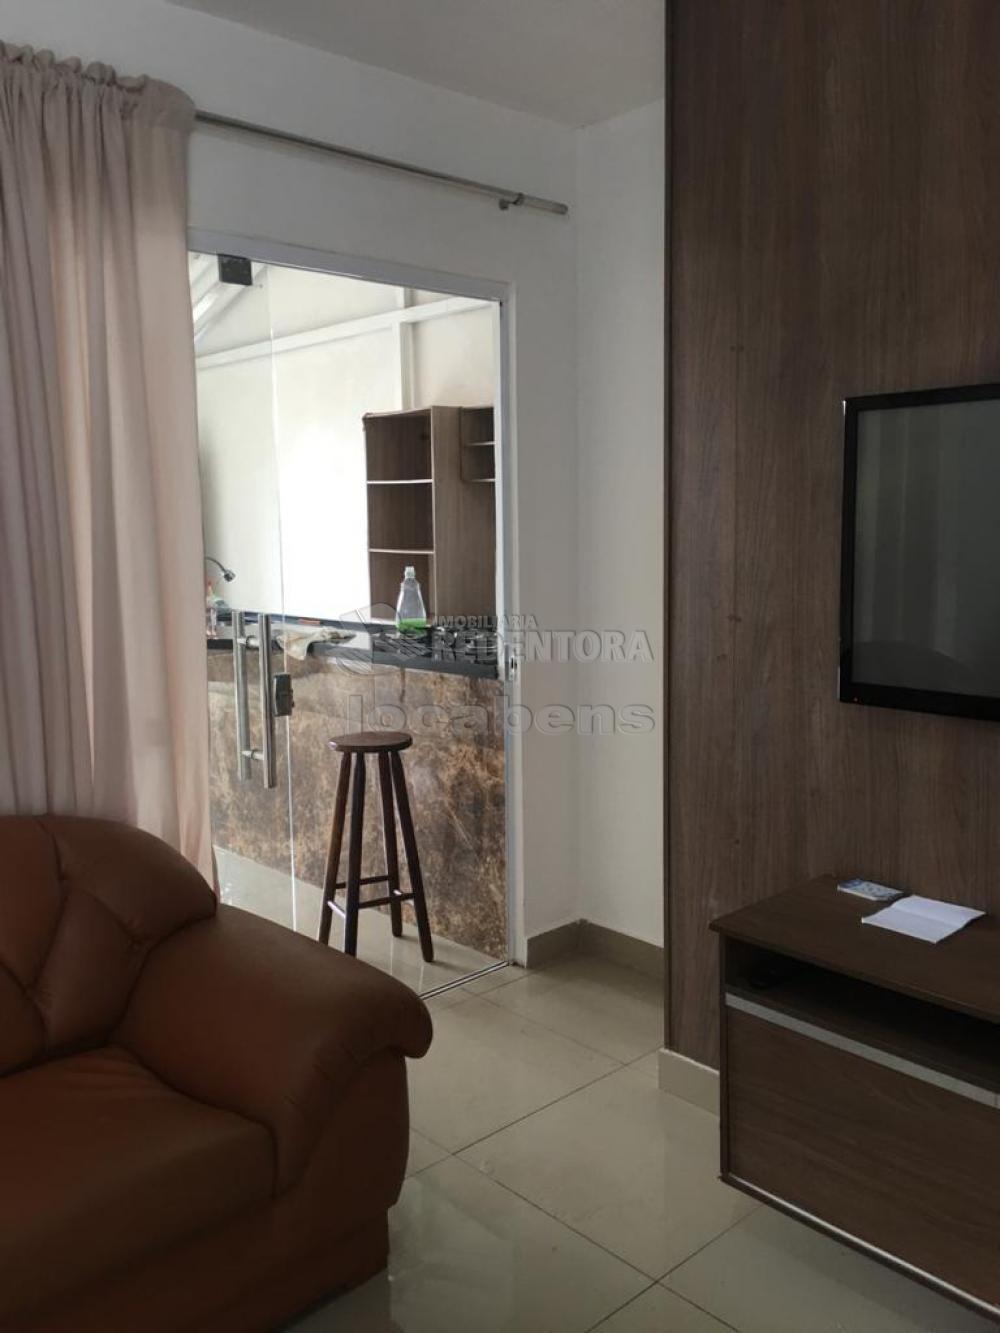 Alugar Casa / Condomínio em São José do Rio Preto R$ 1.400,00 - Foto 12